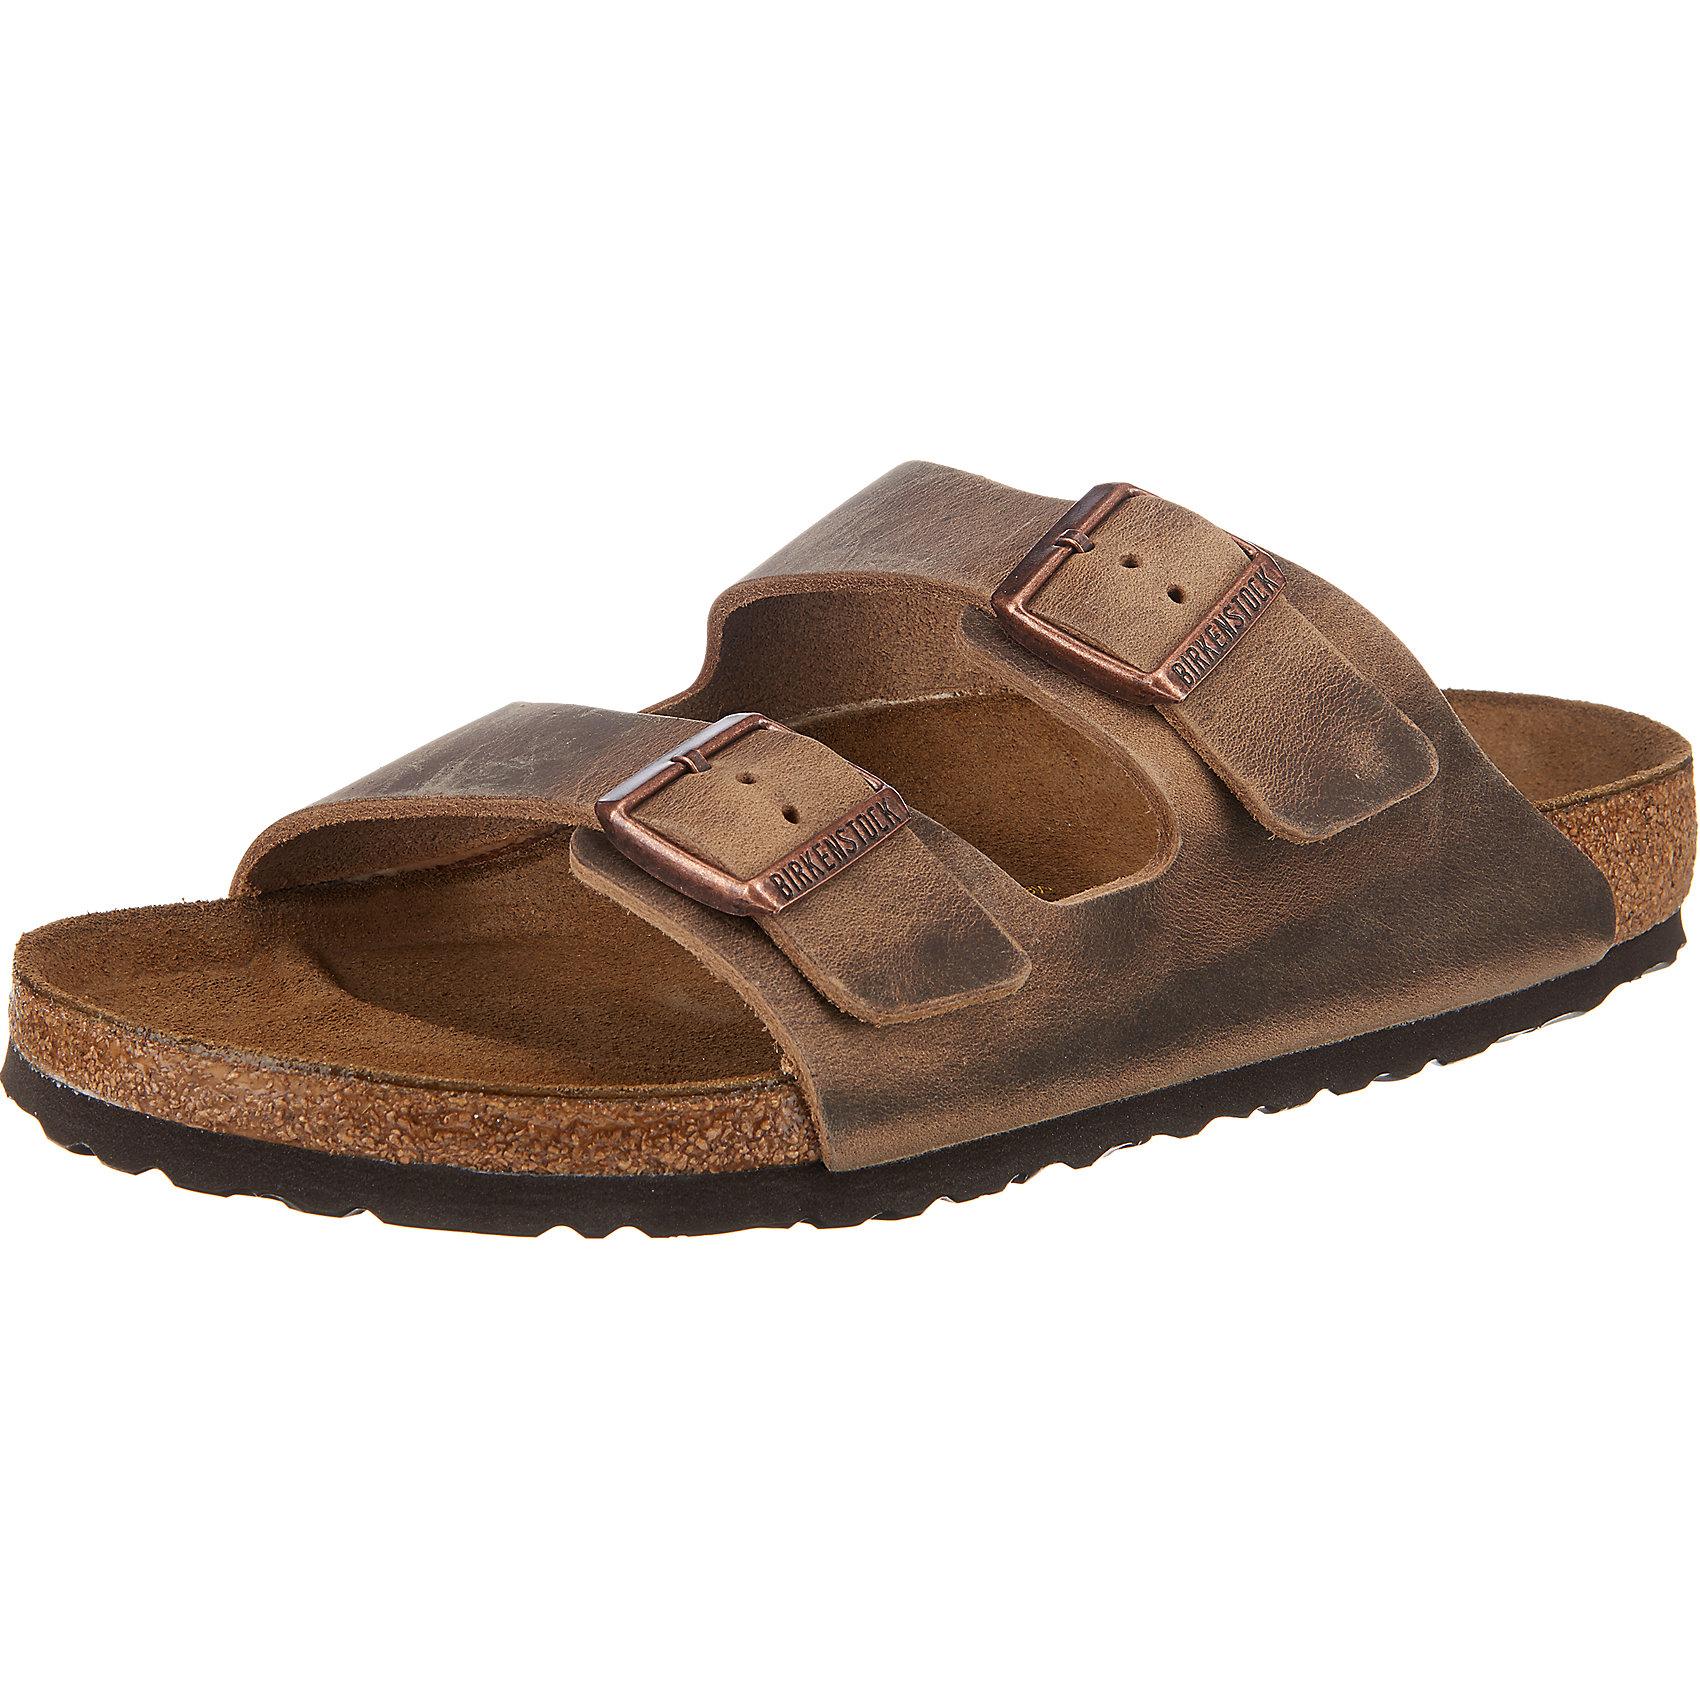 Offene Für Schuhe Details Zu Neu 5710203 Birkenstock Schwarz Herren Arizona Fl 8nP0XwkO